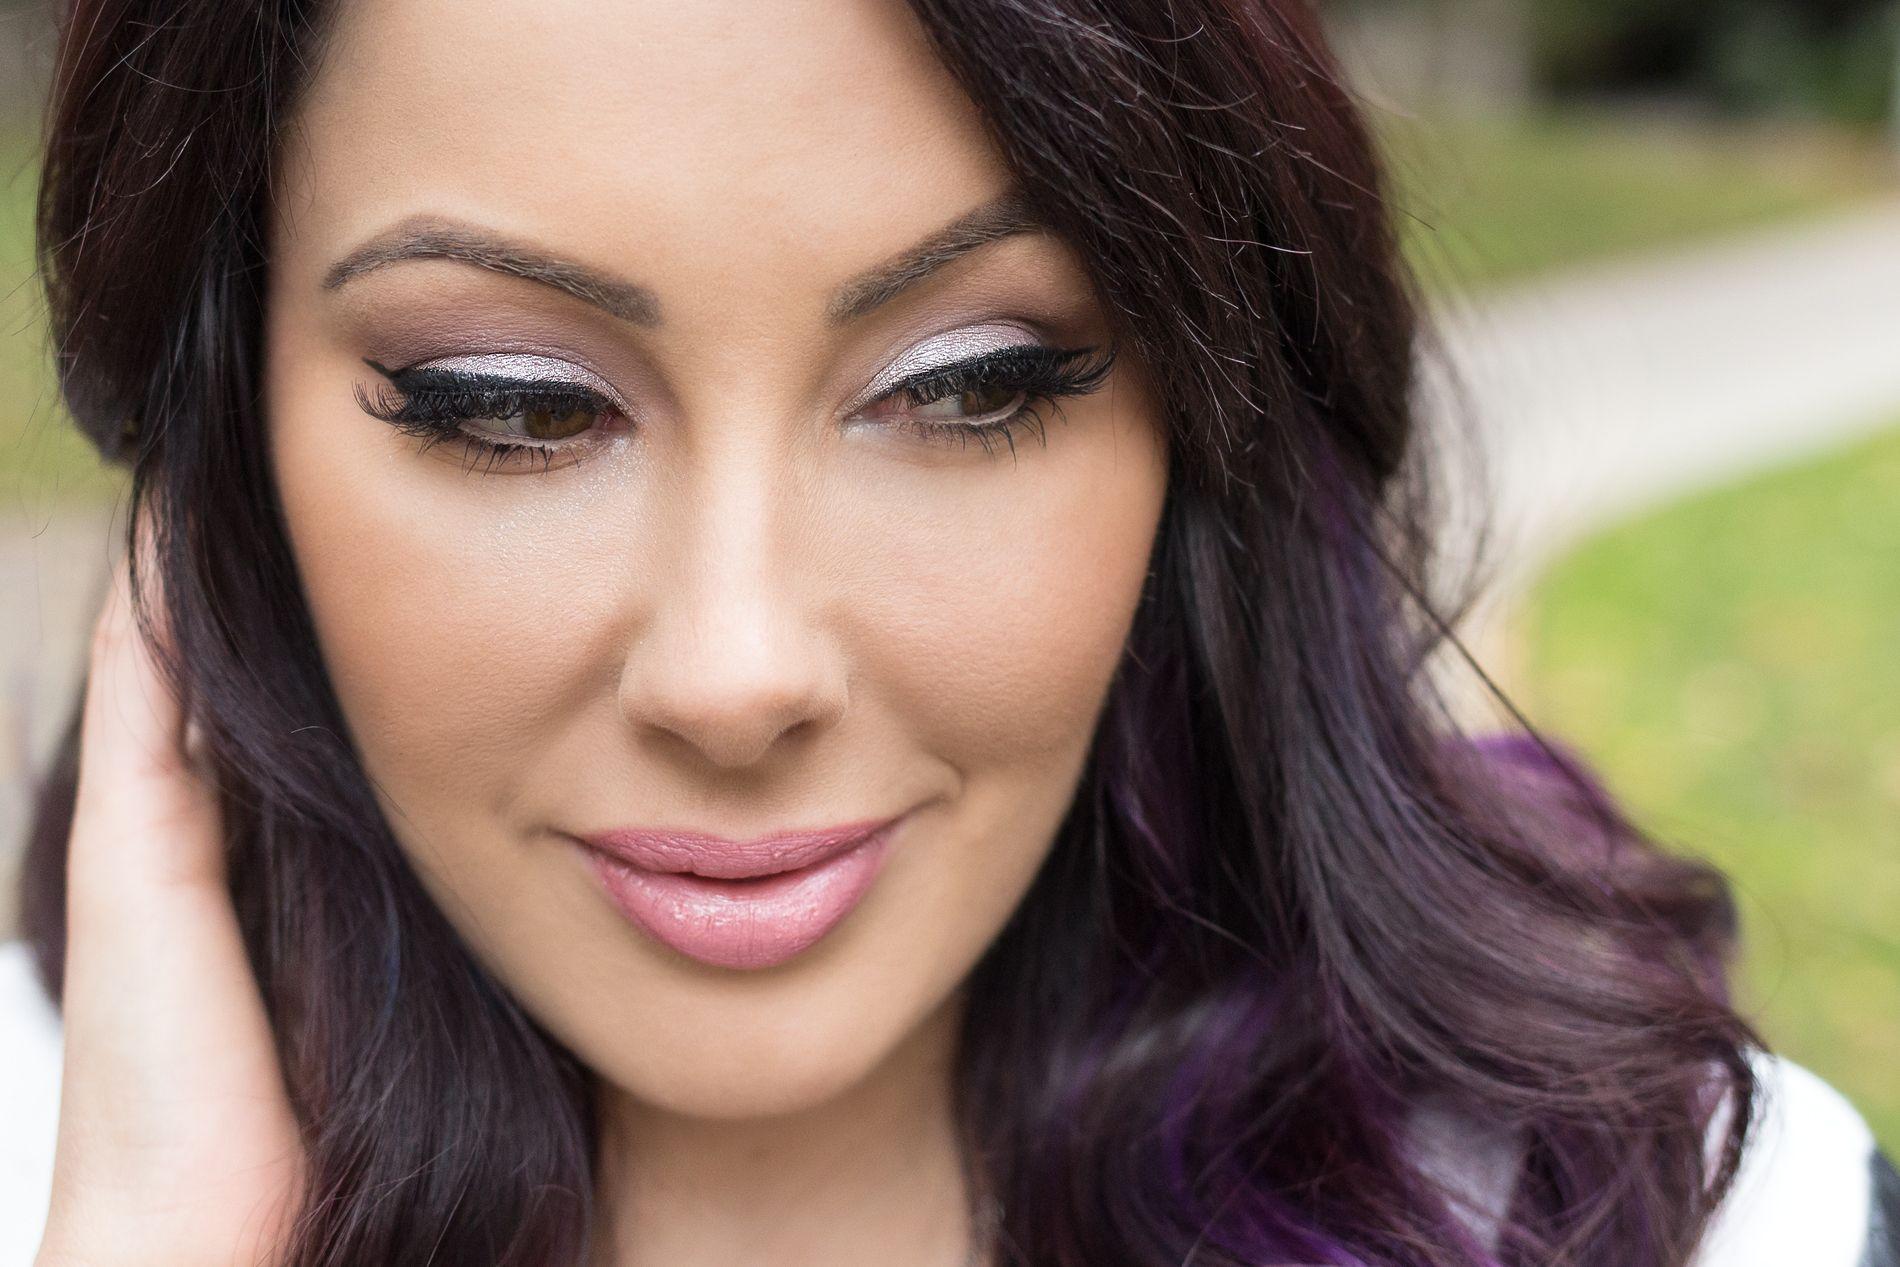 Classic Glam5 Glam makeup, Glam makeup tutorial, Makeup